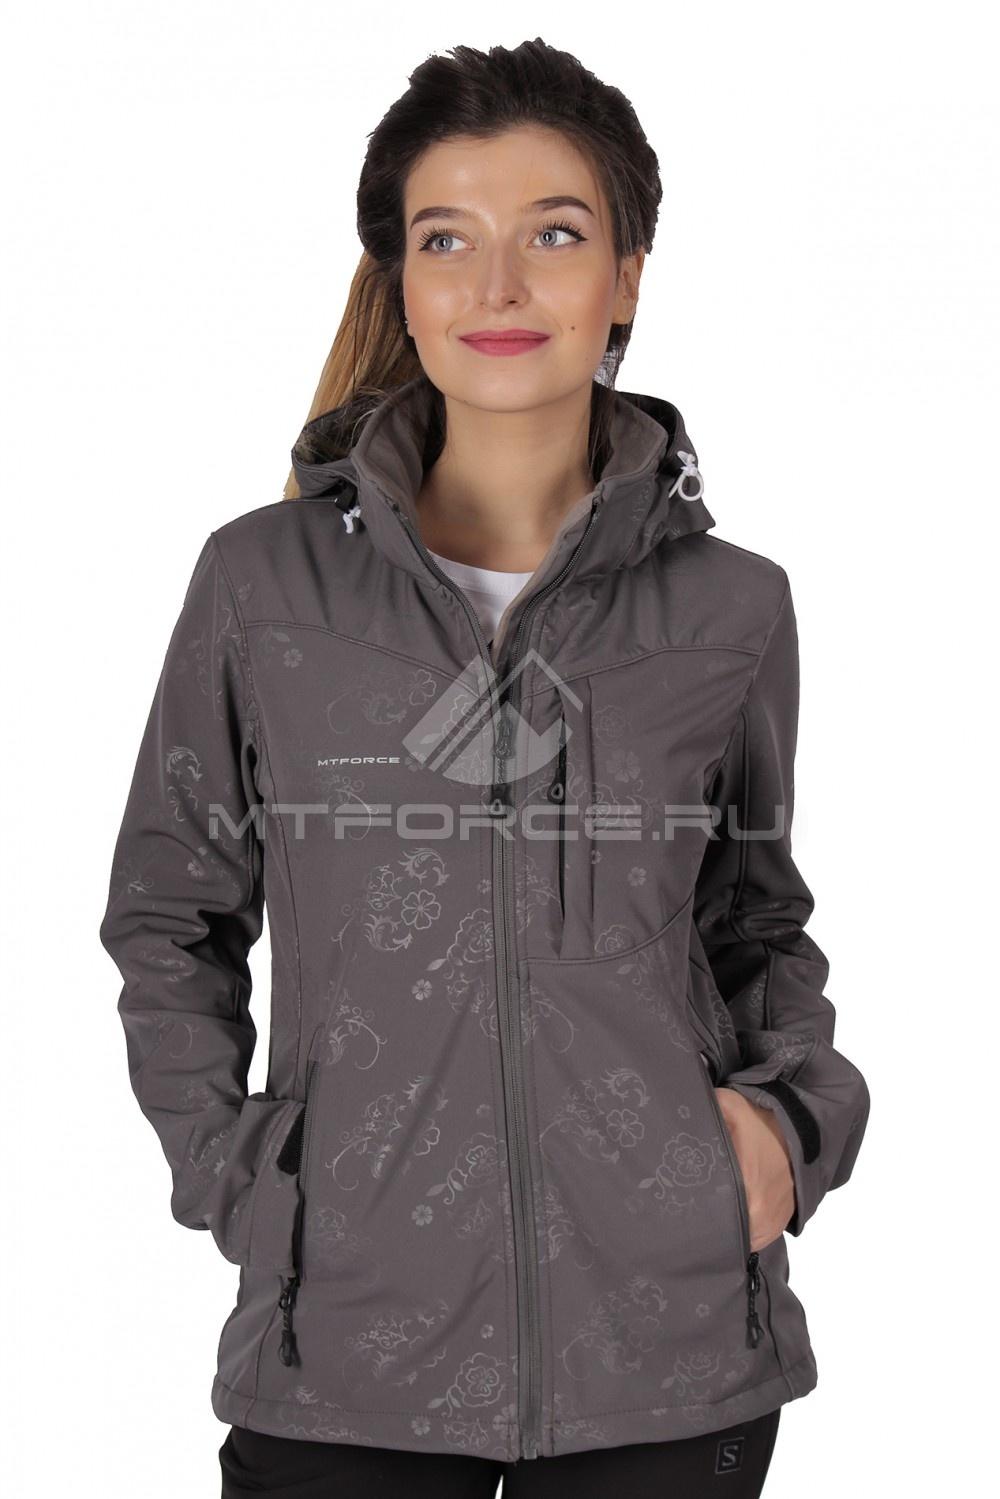 Купить                                  оптом Ветровка - виндстоппер женская серого цвета 1721Sr в Новосибирске